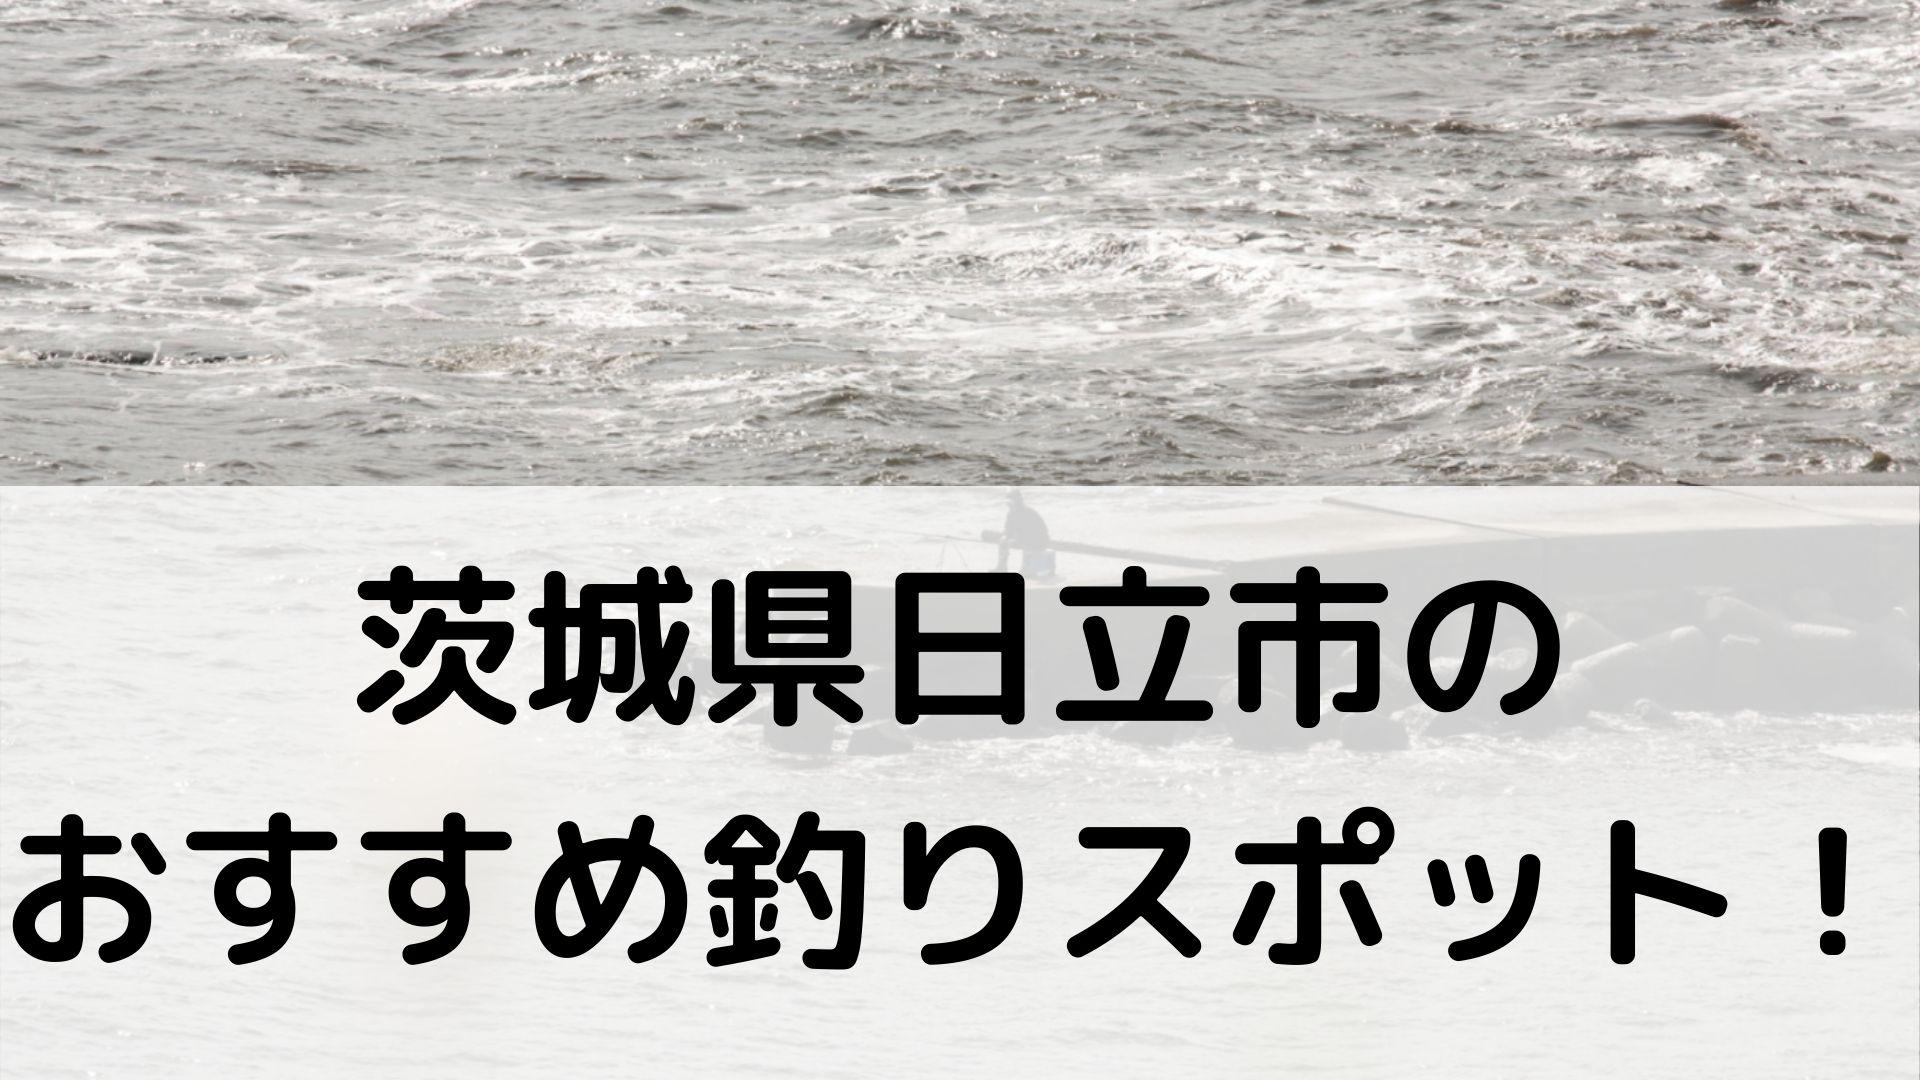 茨城県日立市のおすすめ釣りスポットに関する参考画像